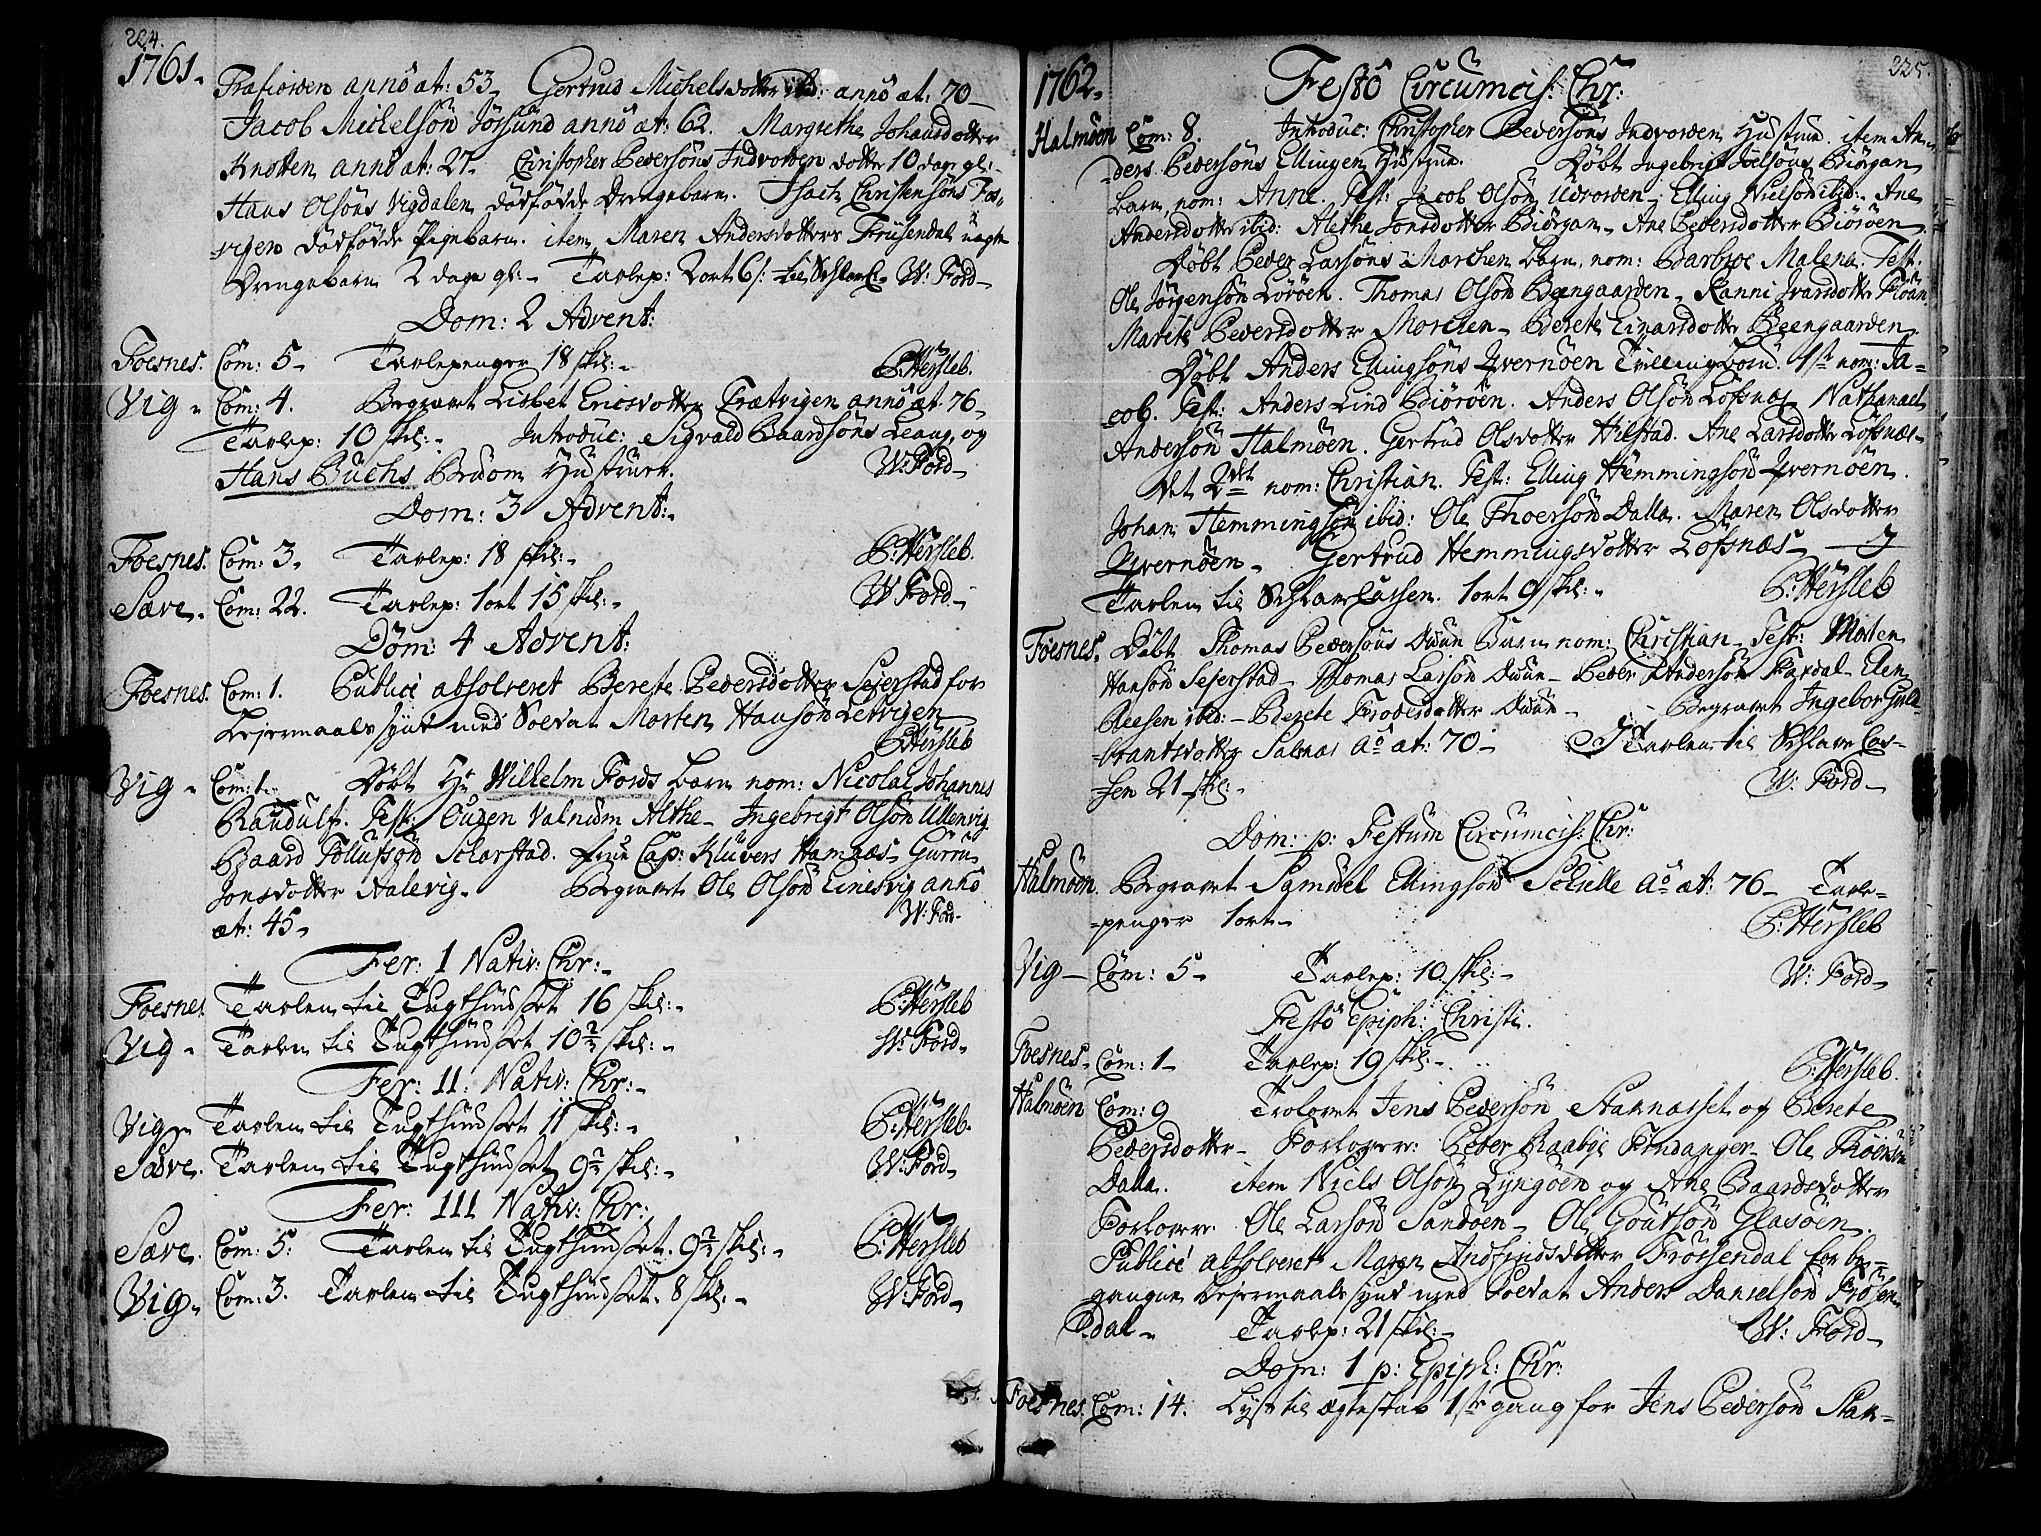 SAT, Ministerialprotokoller, klokkerbøker og fødselsregistre - Nord-Trøndelag, 773/L0607: Ministerialbok nr. 773A01, 1751-1783, s. 224-225